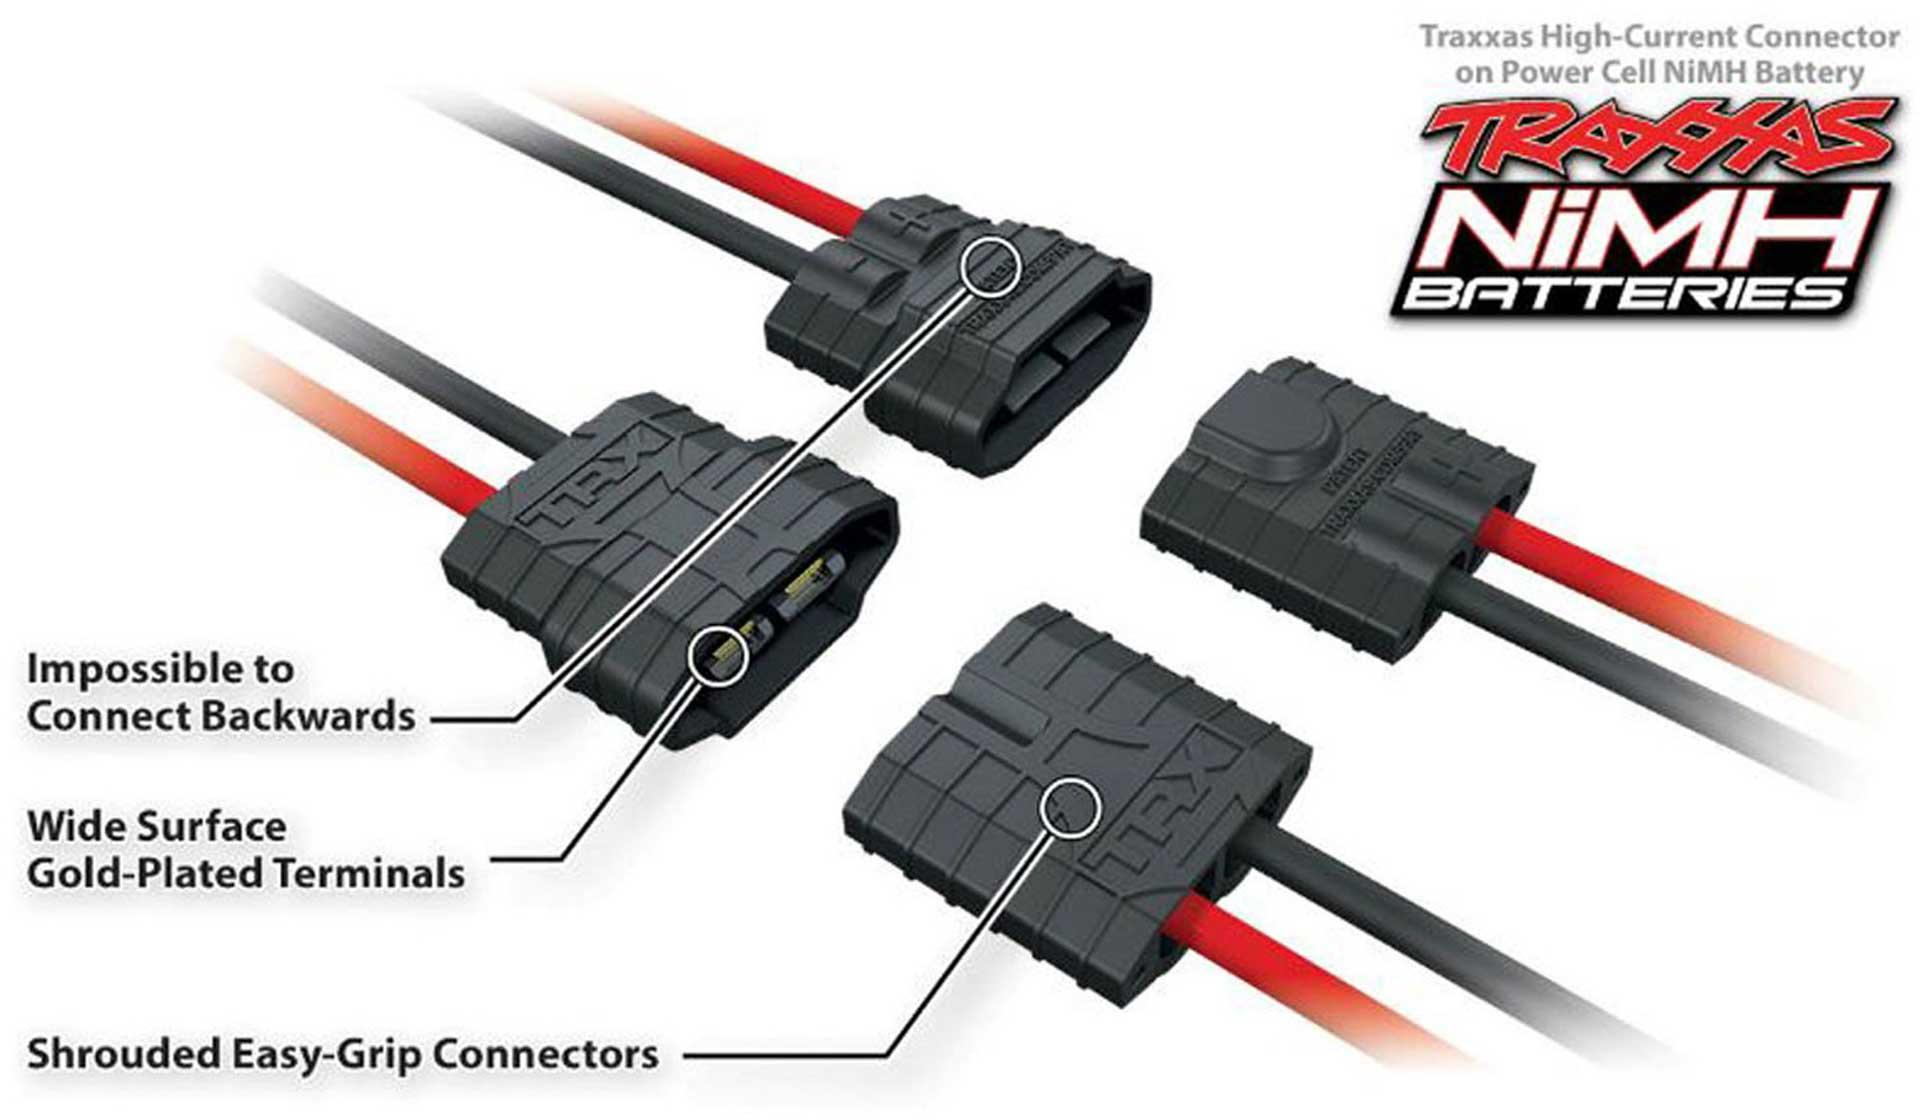 POWER CELL 3000 MAH 8.4 VOLT TRAXXAS